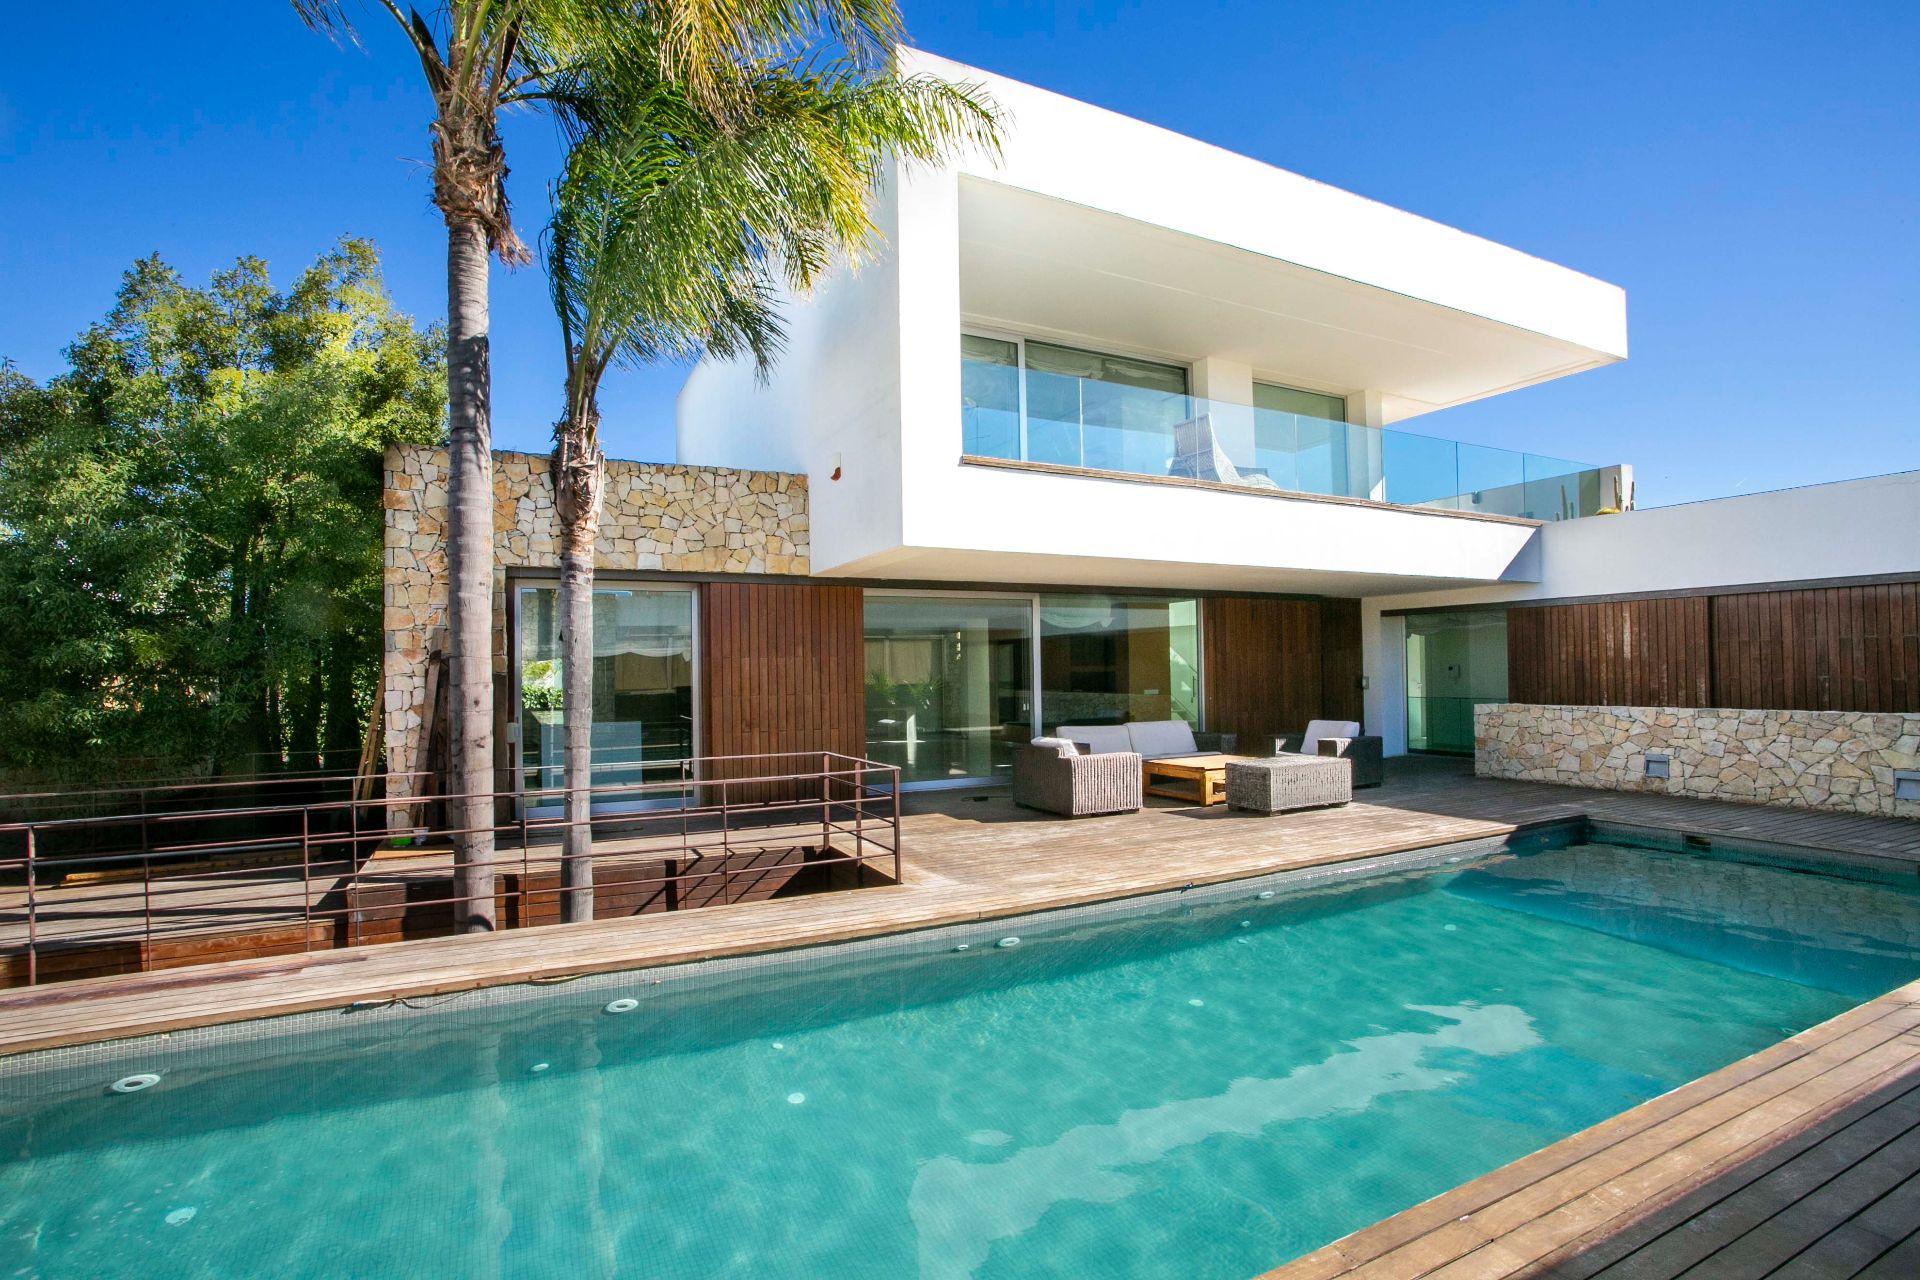 Casa / Chalet en Godella, Nueva Santa Barbara, alquiler